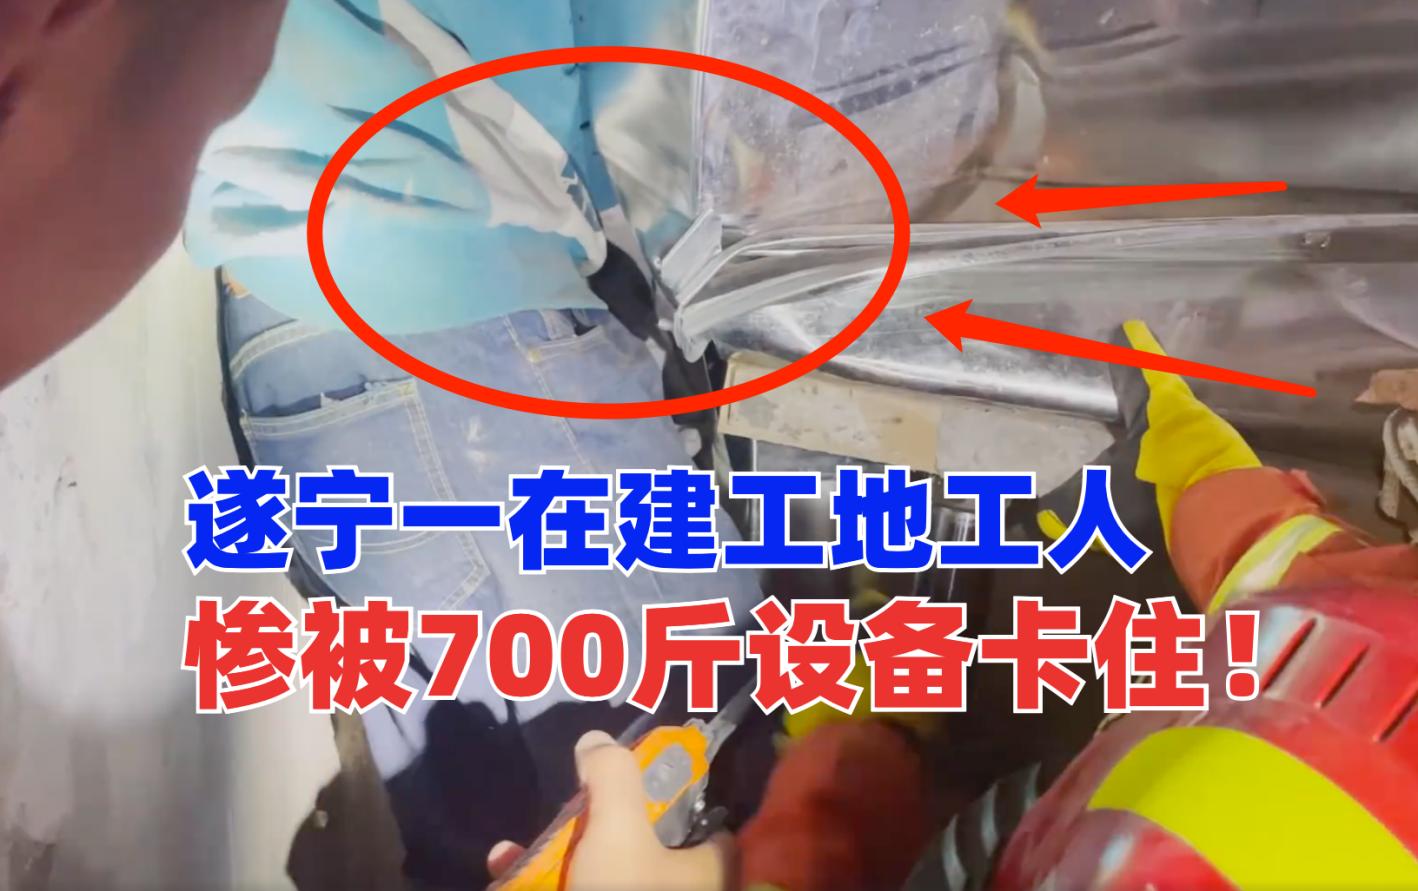 动弹不能!遂宁河东新区一建筑工地工人惨被700余斤设备死死卡住!